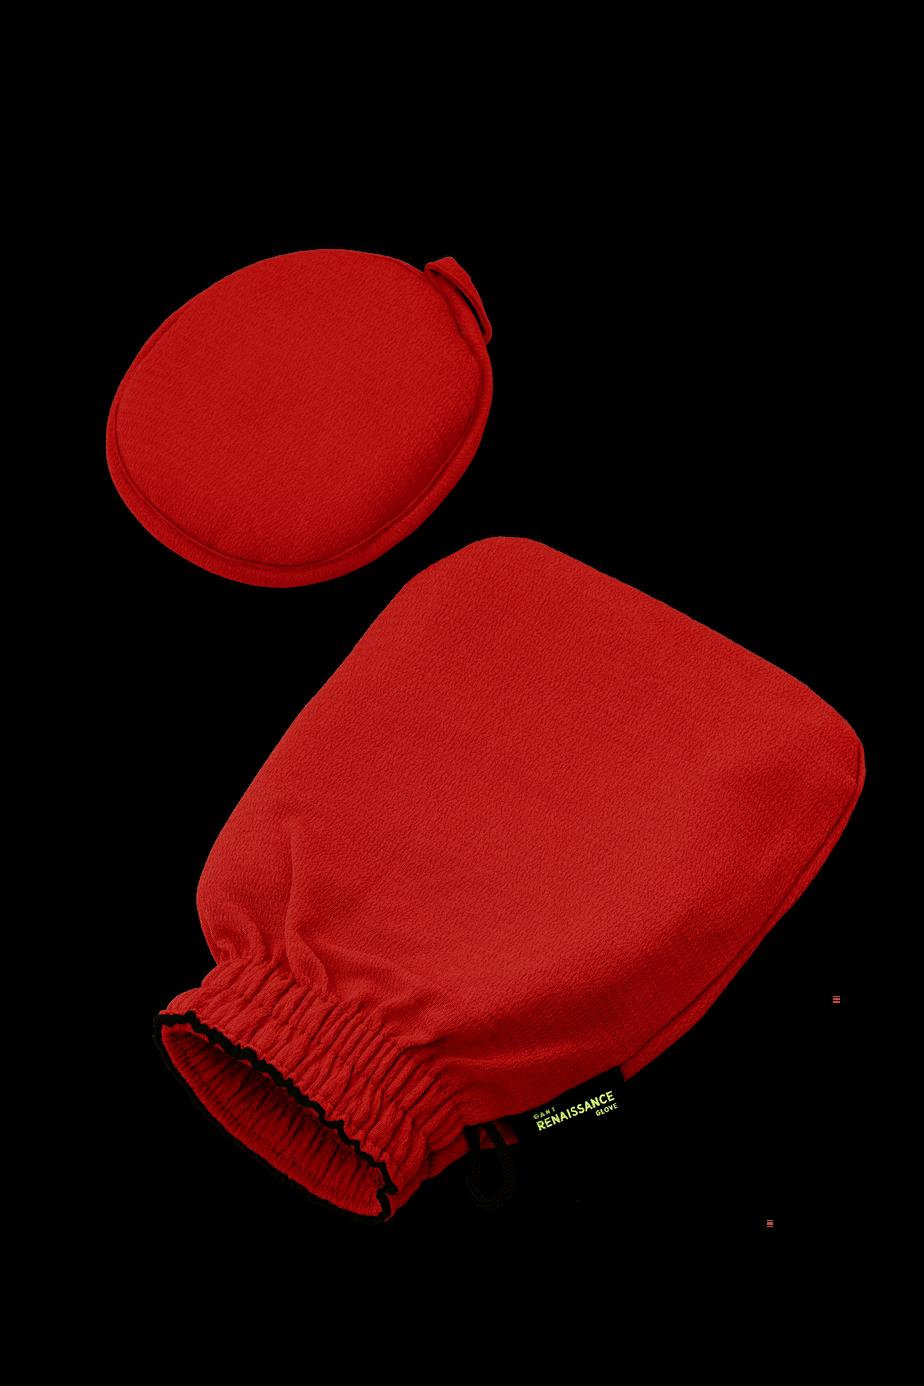 Le gant d'exfoliation Renaissance est le produit qui a fait la renommée de la femme d'affaires DanièleHenkel.